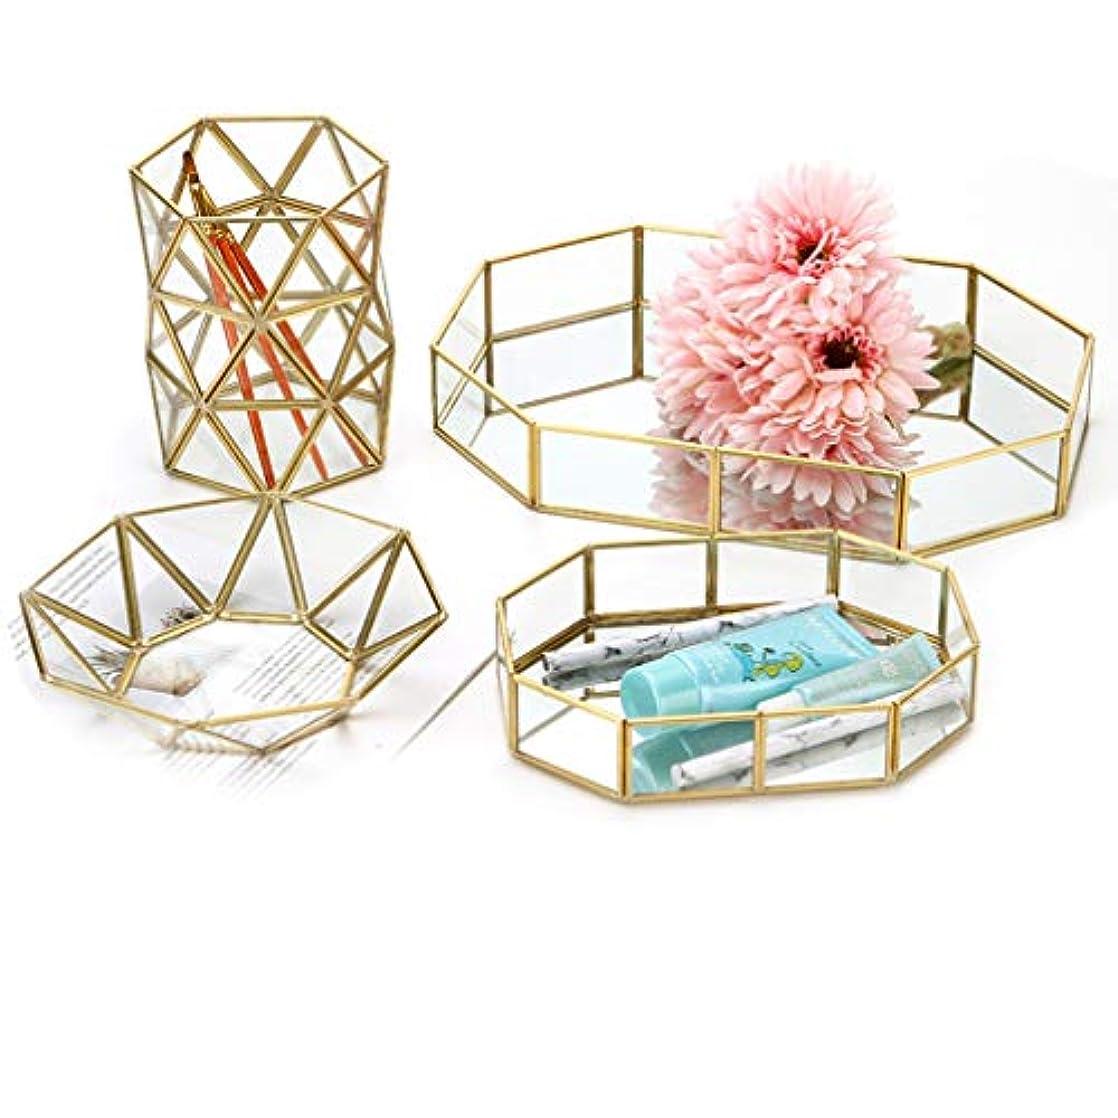 ステージ辞任上級アクセサリートレイ ジュエリー収納ケース ガラス メイクボックス クリア素材 高級感 宝石 多角形 イヤリング/ピアス 小物収納 金属 コスメ 装飾 卓上小物入れ 仕切り 卓上収納 ディスプレイ ゴールド